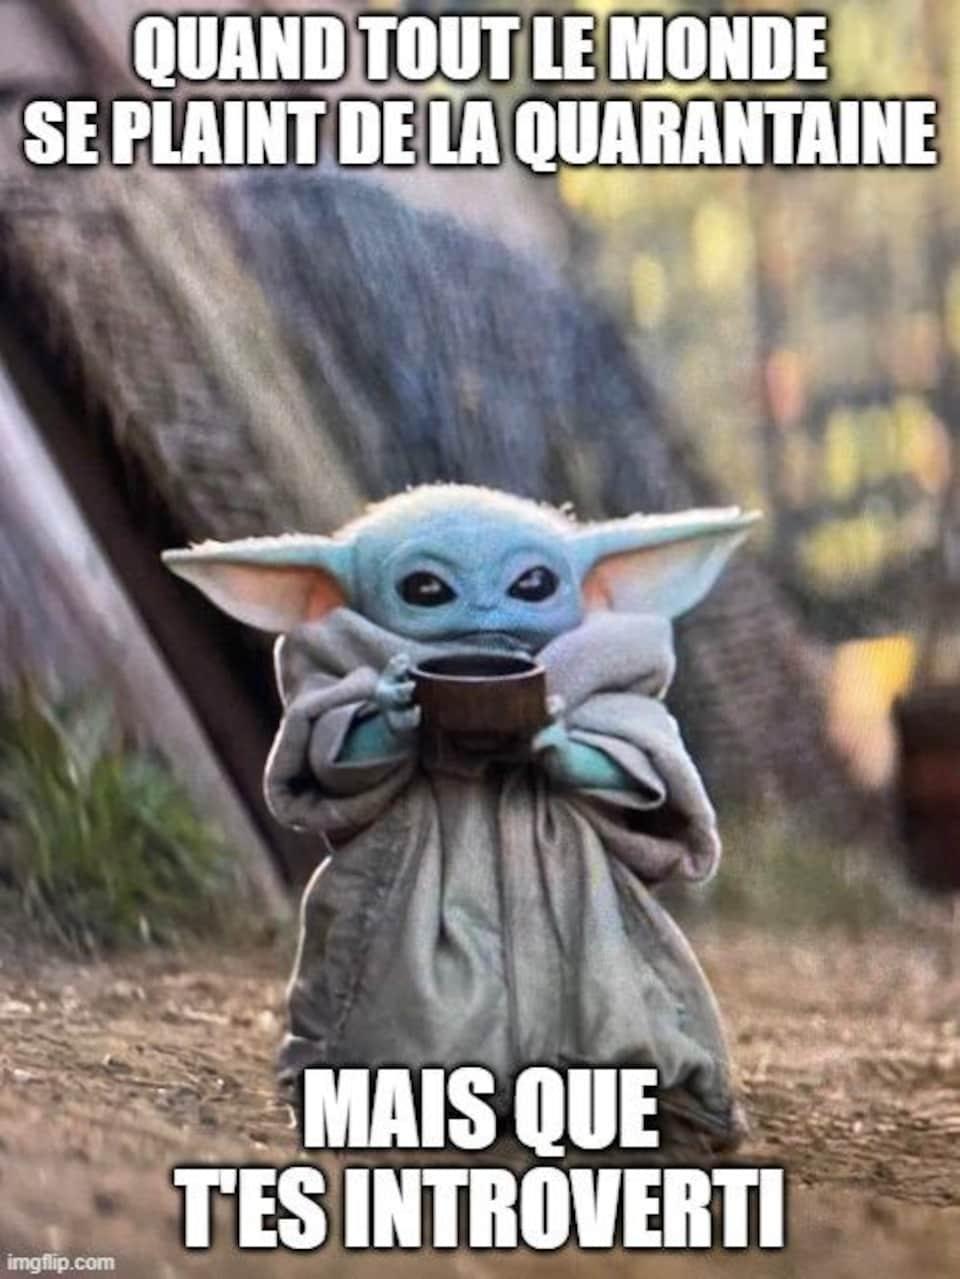 Image de Baby Yoda habillé chaudement et qui tient une tasse dans ses mains avec la mention «Quand tout le monde se plaint de la quarantaine, mais que t'es introverti».